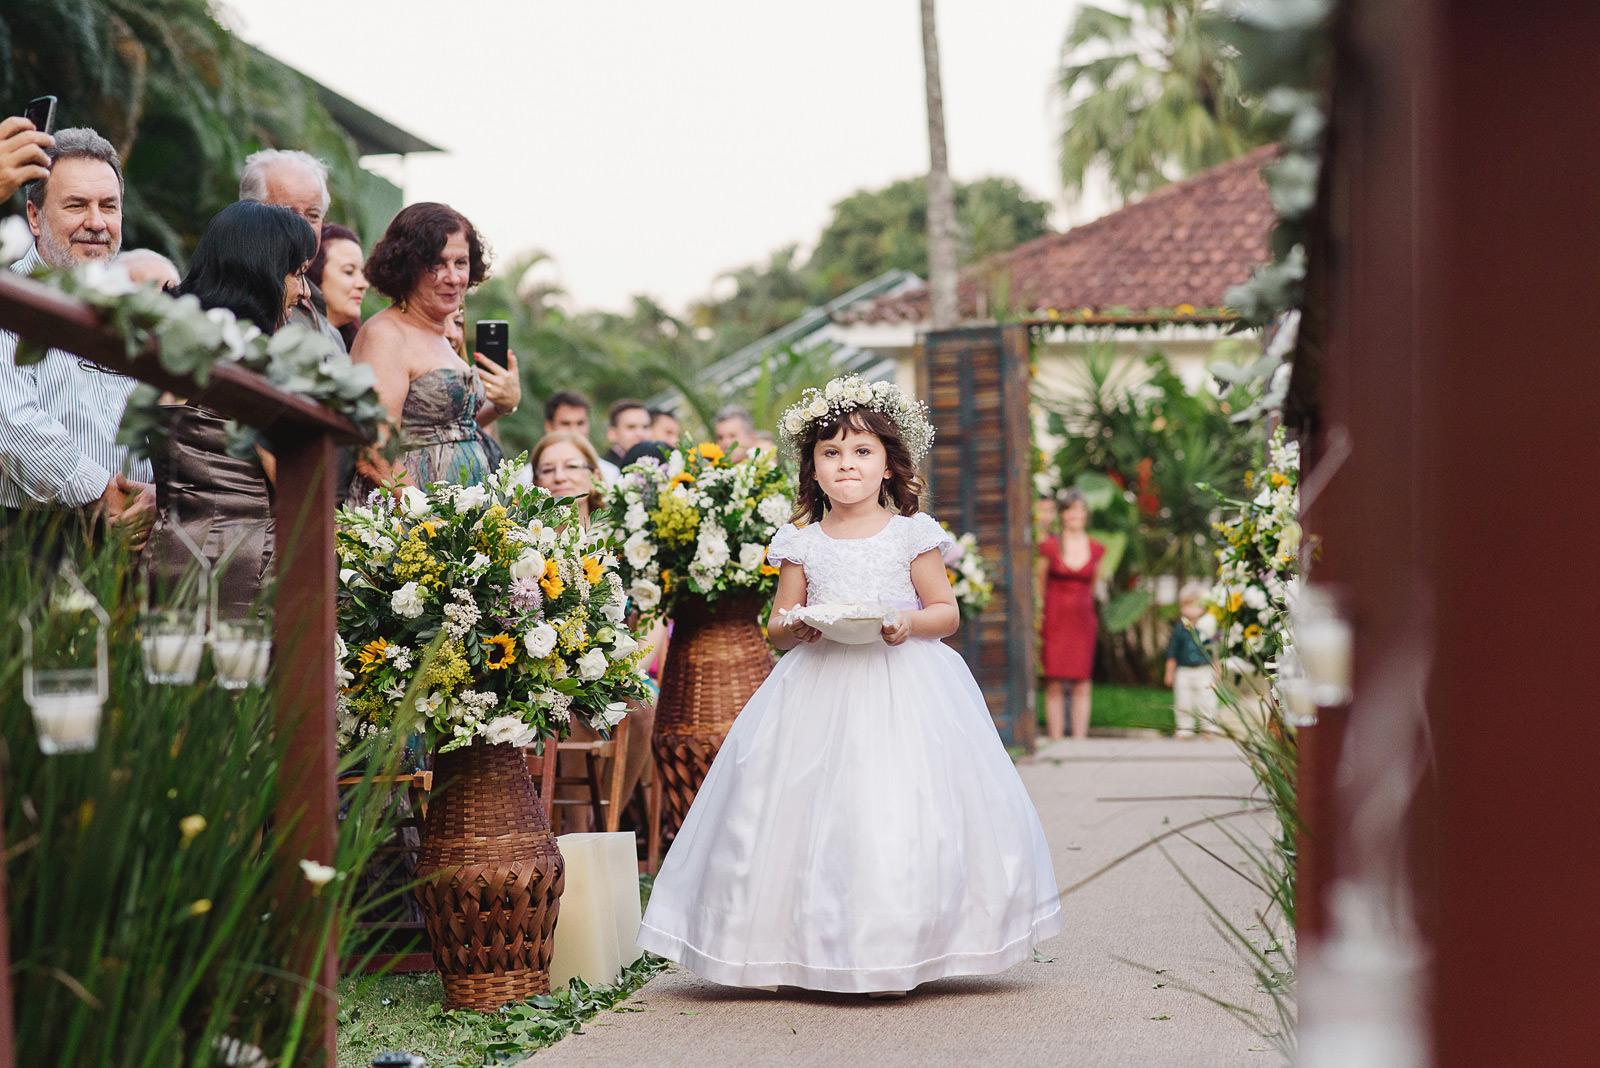 foto-casamento-casuarinas-rj-ema-gab-22